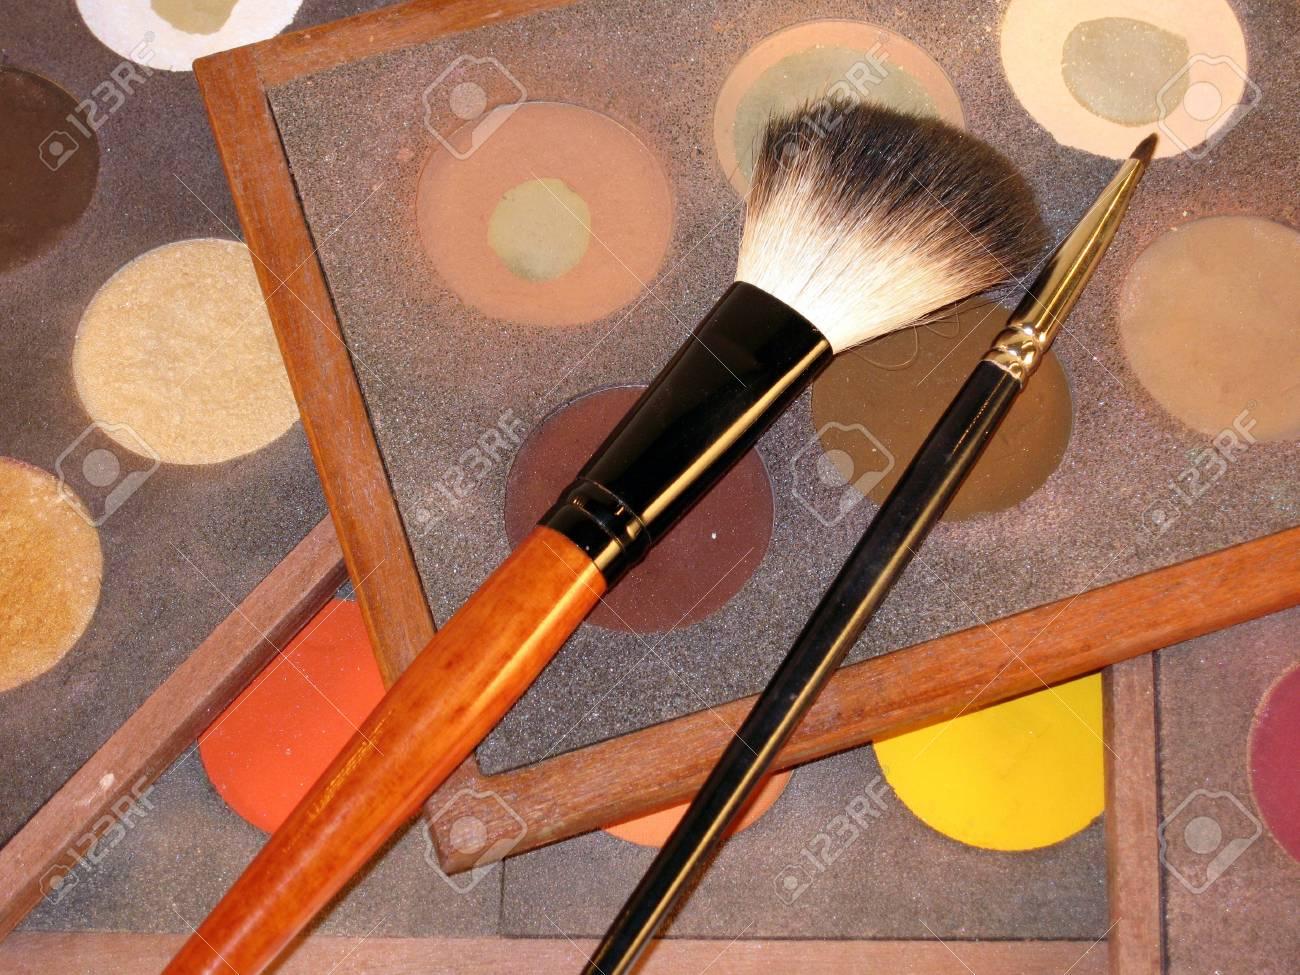 make-up, brushes, cosmetics, make-up and brushes Stock Photo - 945573